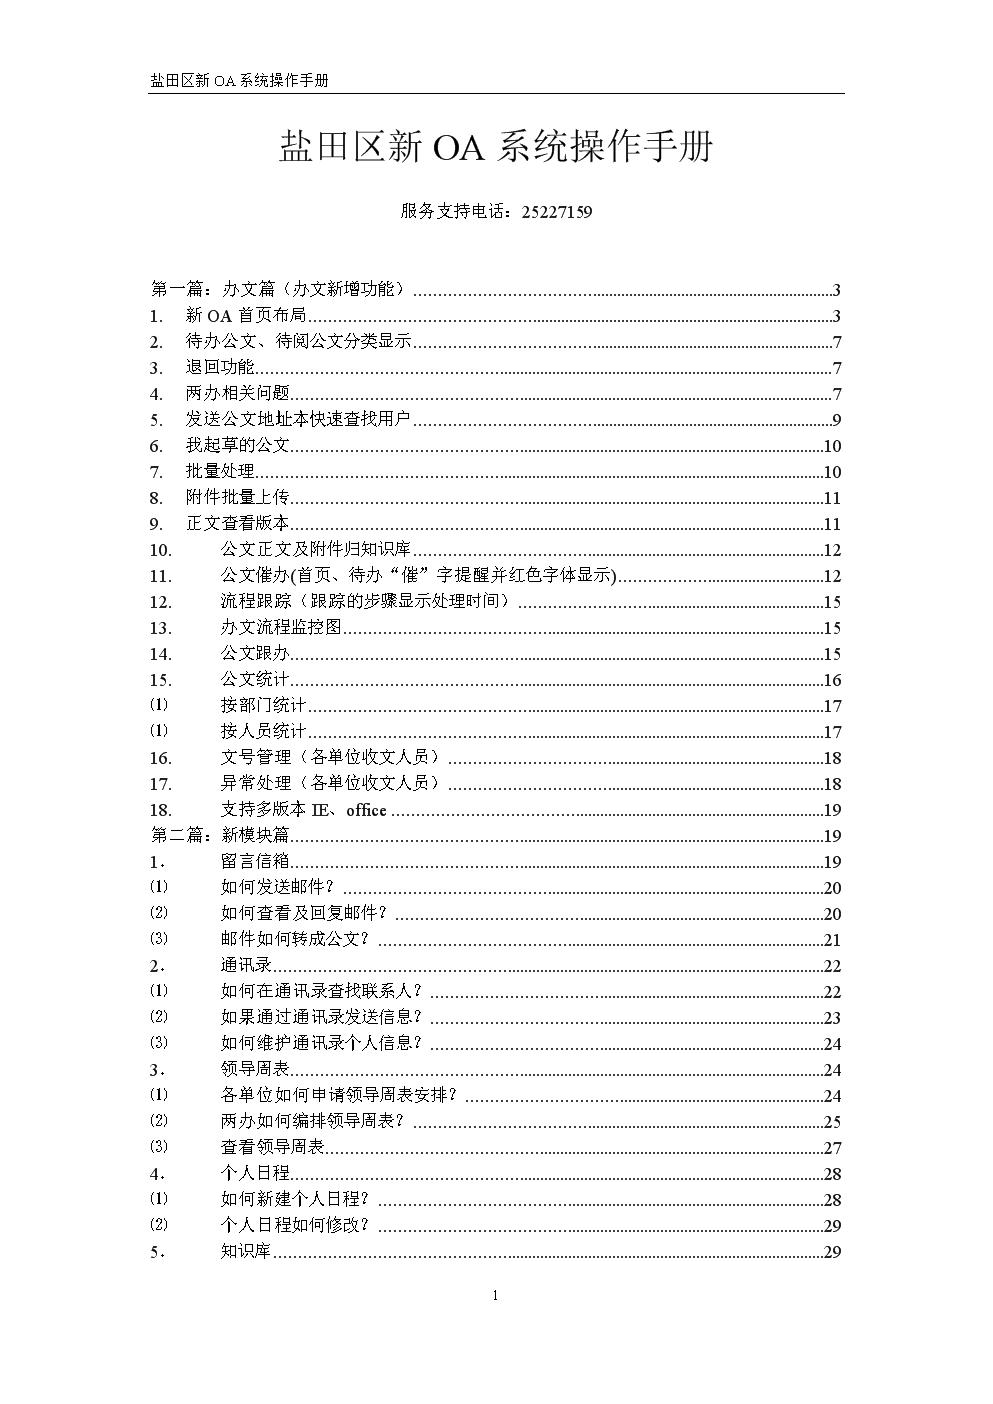 OA自动化新OA系统操作手册.doc